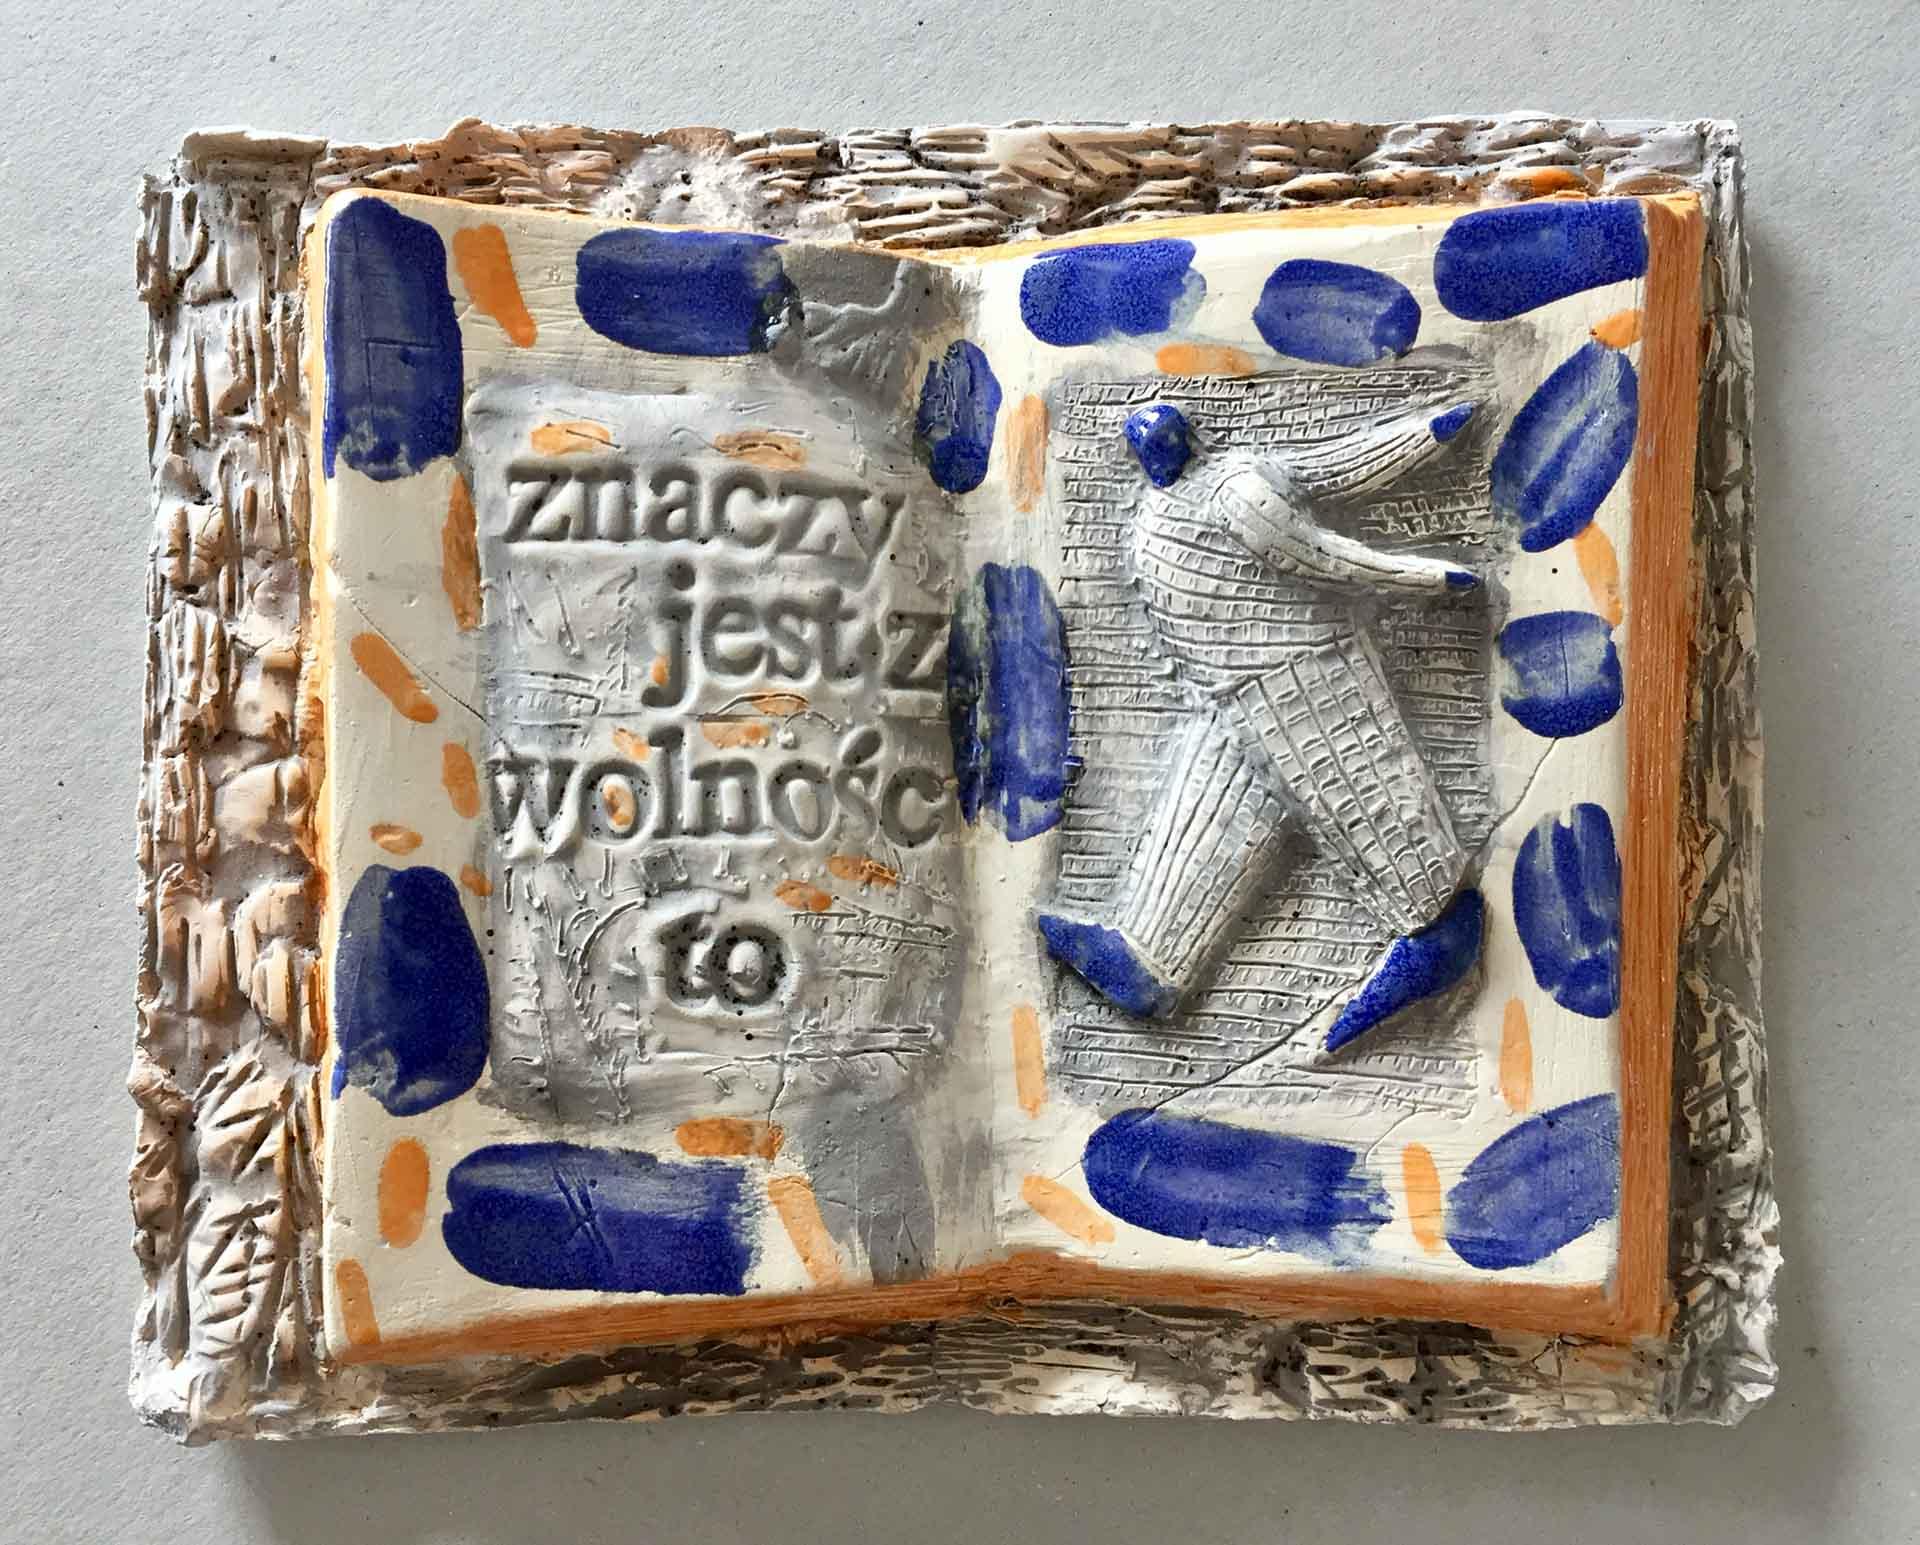 2020 Eugeniusz Józefowski Książka znaczy jest z wolności to... z cyklu Dobro-wolność 28 x 23 cm ceramika szkliwiona foto tel 04